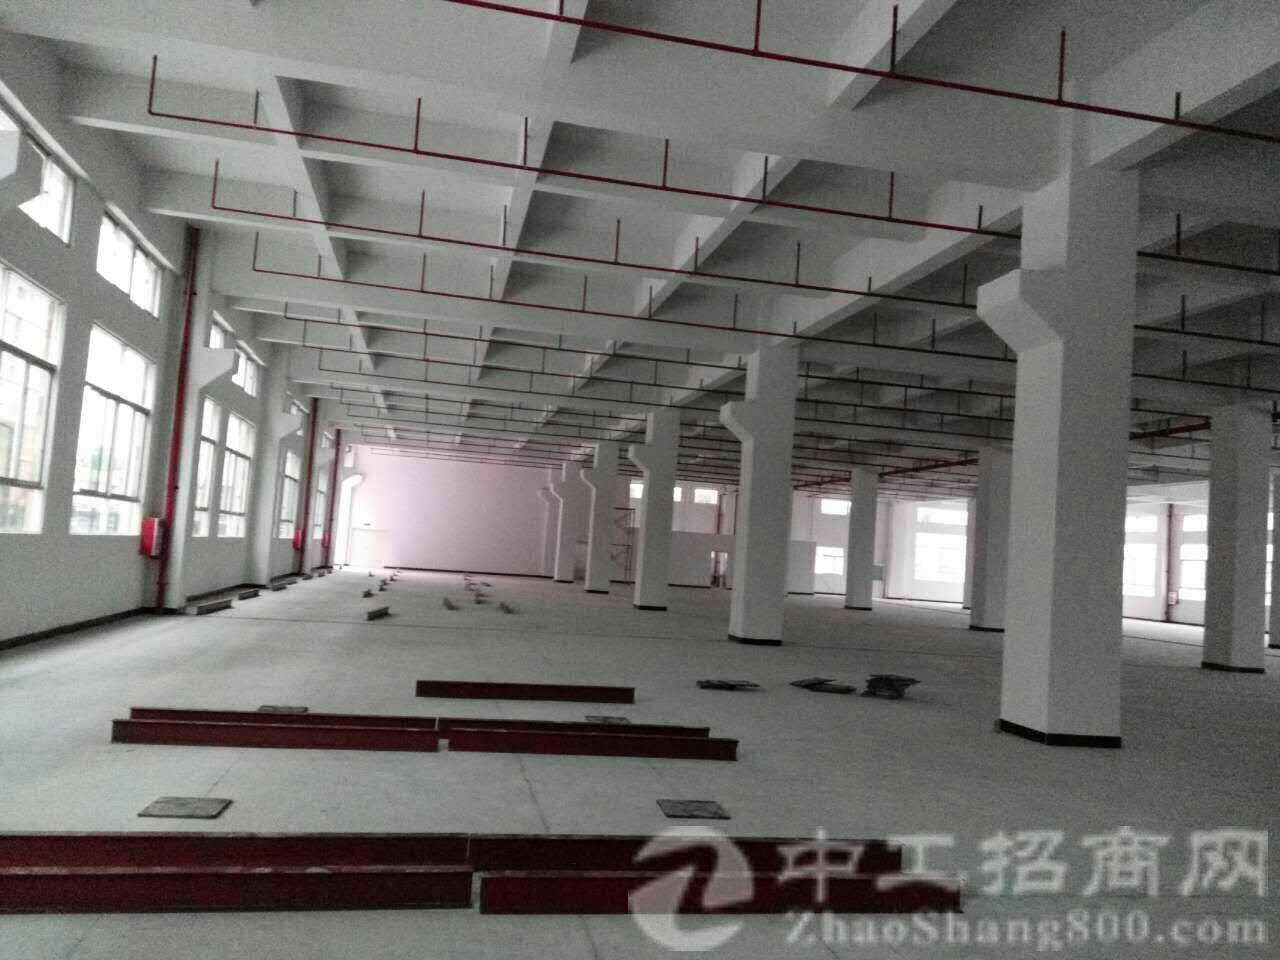 茶山镇刘黄独院单一层砖墙到顶6000平 带带卸货平台